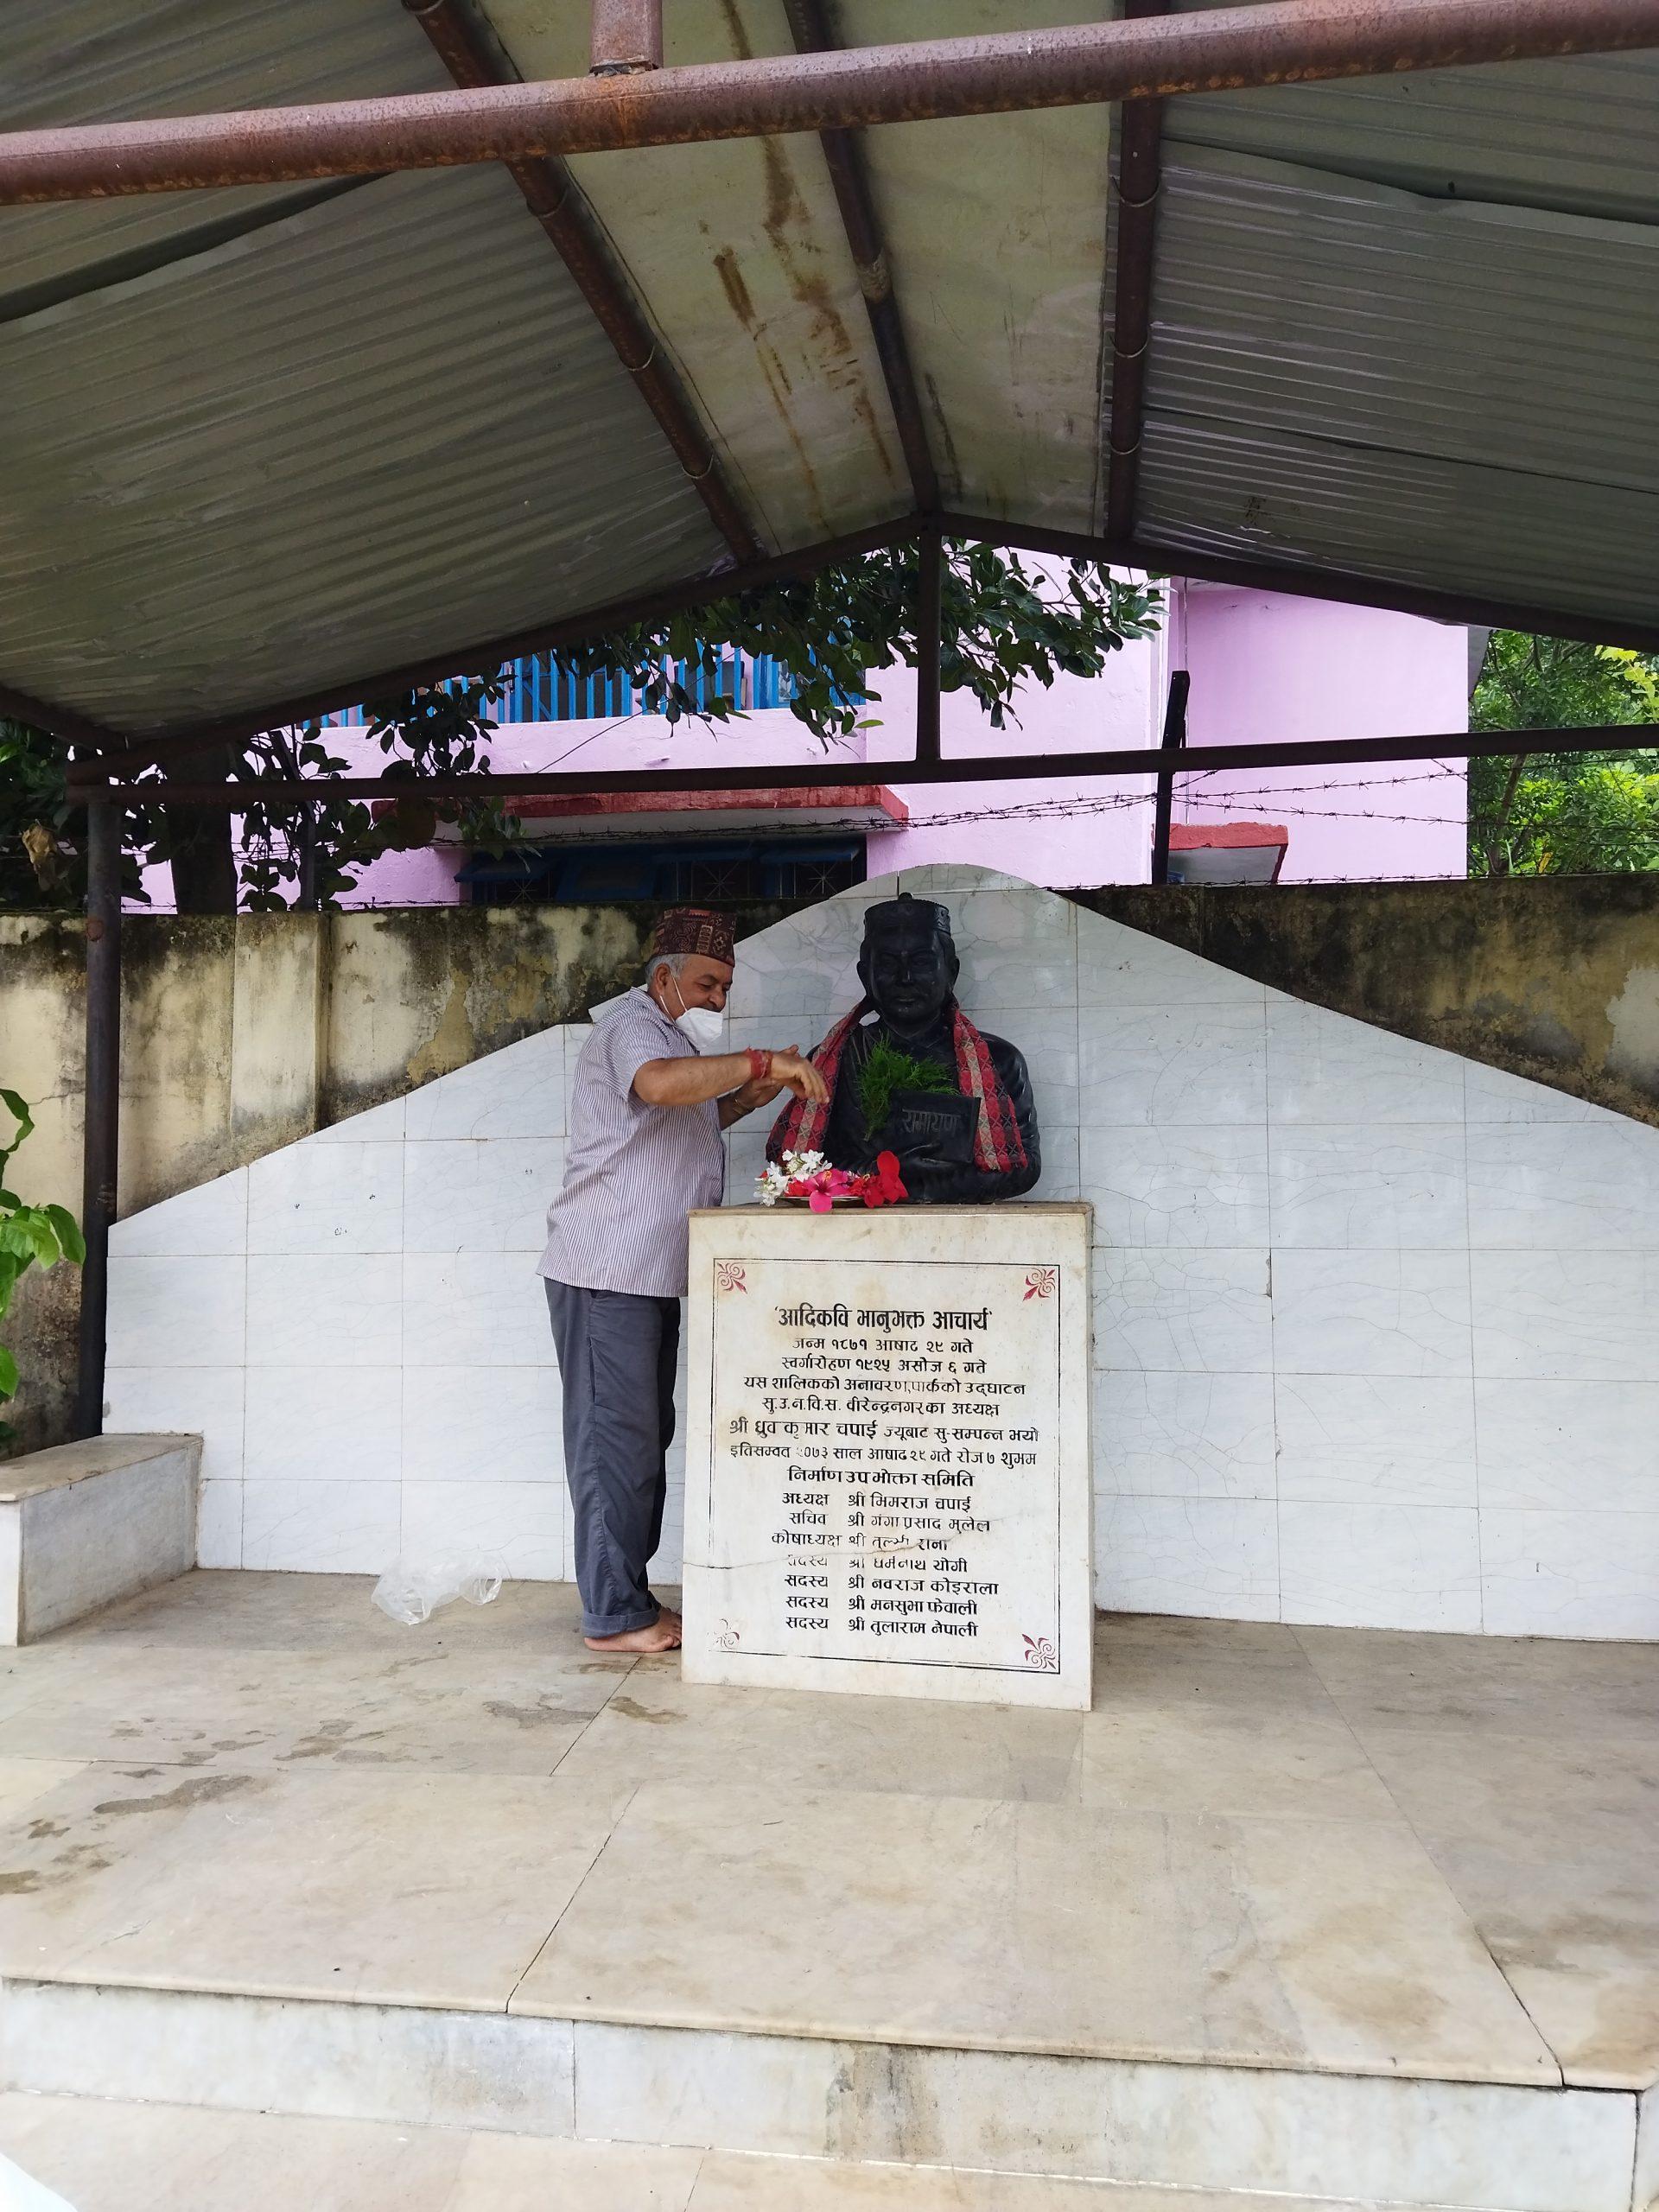 भानुजयन्तीमा भानु विशेष कार्यक्रम